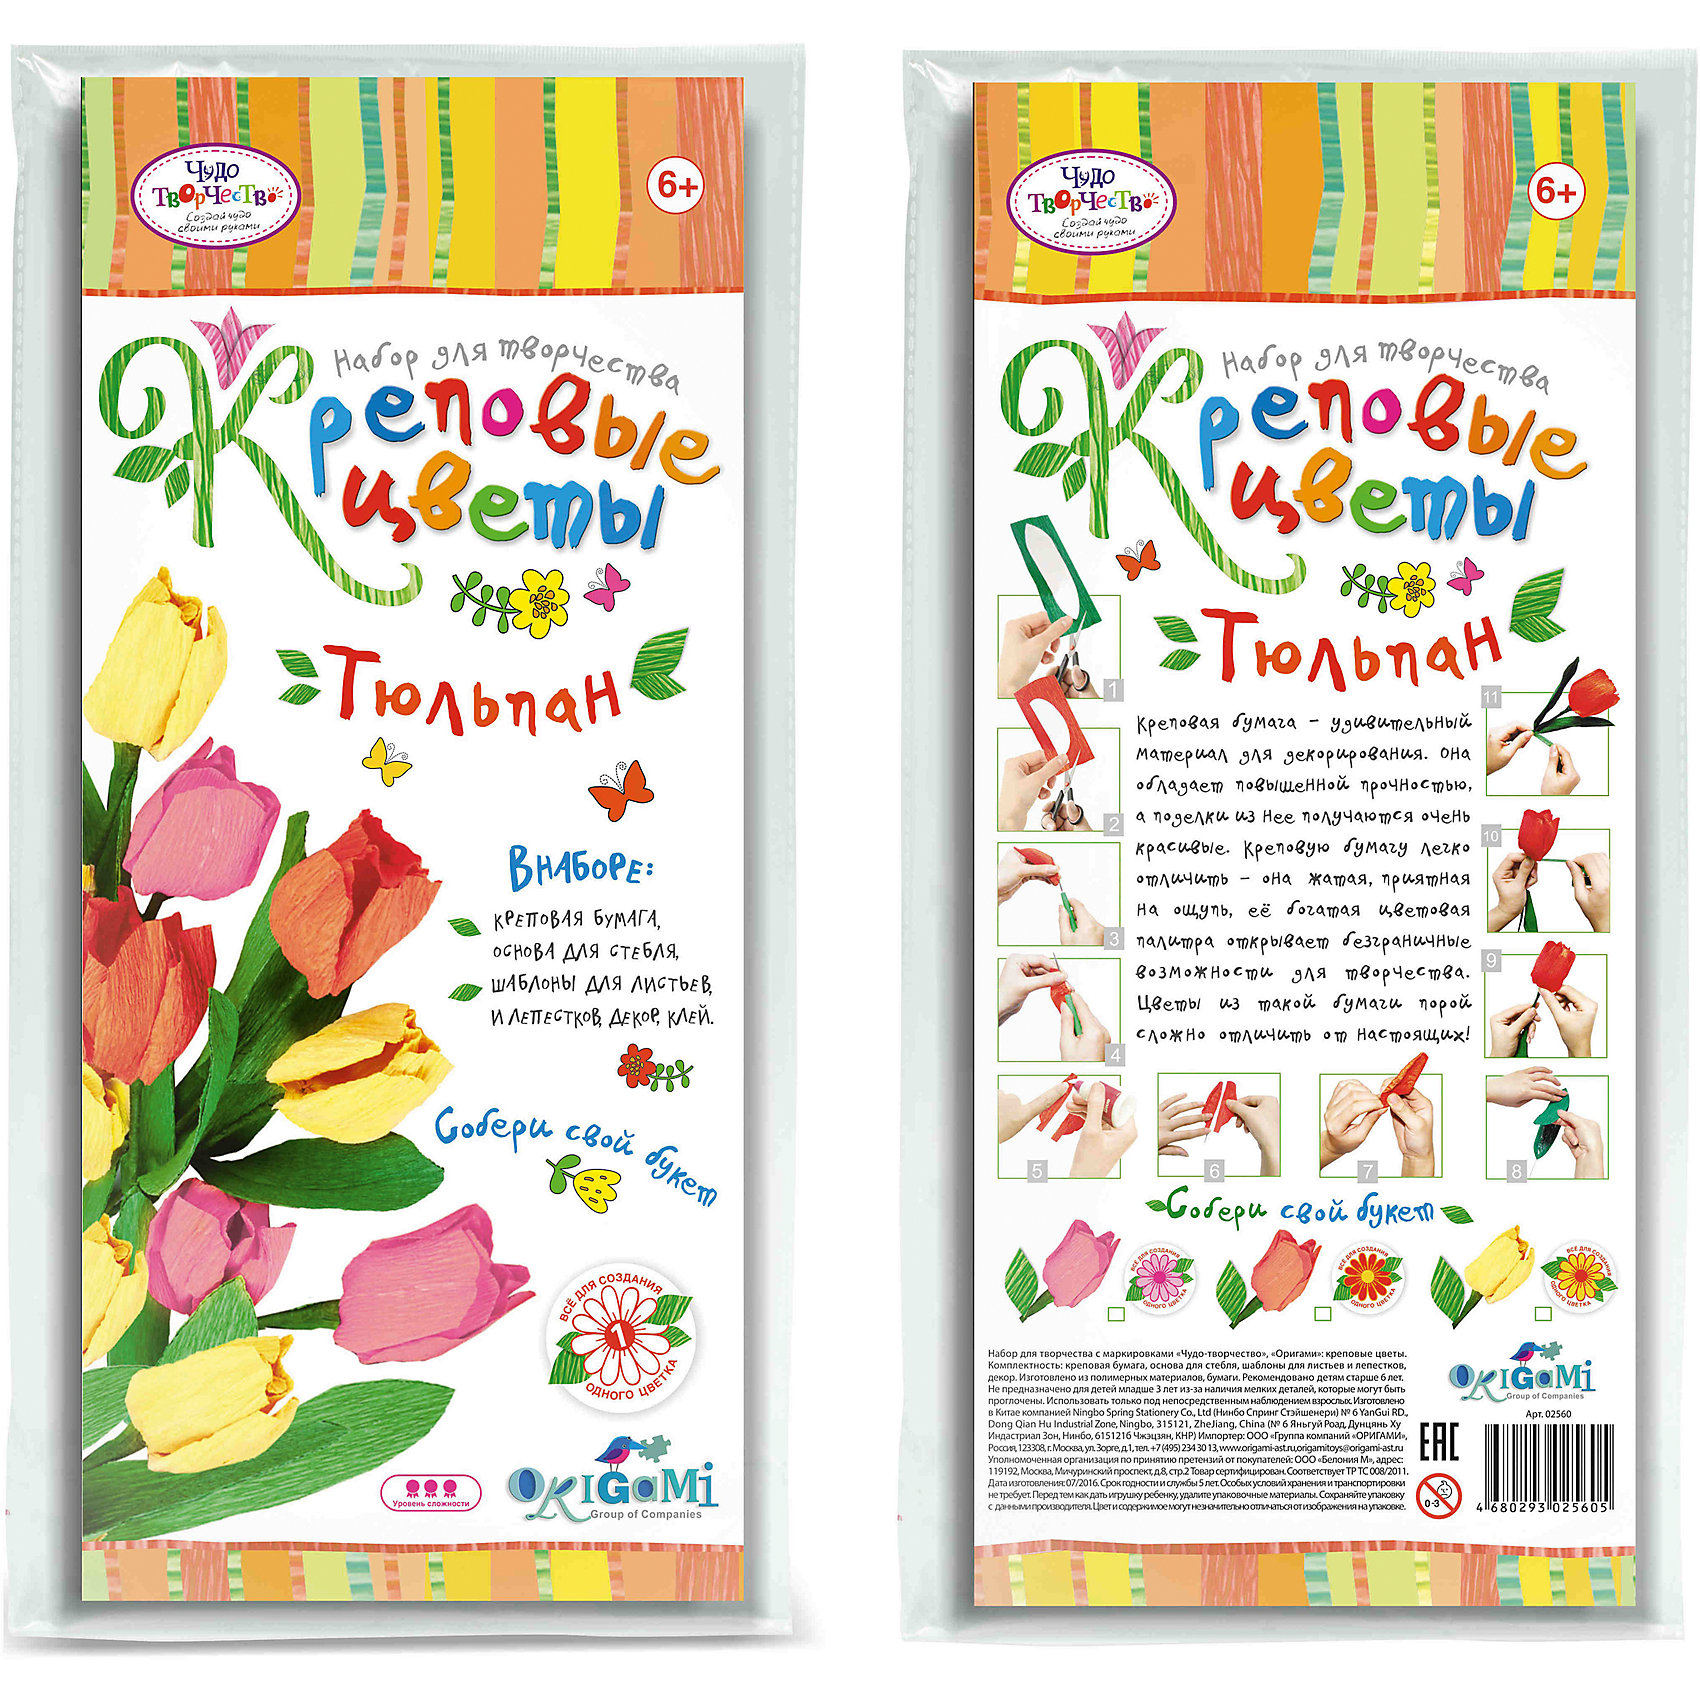 Креповые цветы своими руками Тюльпан 3 цвета в ассортиментеКреповая бумага – удивительный материал для декорирования. Она обладает повышенной прочностью, а поделки из нее получаются очень красивые. Креповую бумагу легко отличить - она жатая, приятная на ощупь, ее богатая цветовая палитра открывает безграничные возможности для творчества. Цветы из такой бумаги порой сложно отличить от настоящих! В наборе все для создания 1 цветка. Собери свой букет! Рекомендуемый возраст: 6+<br><br>Ширина мм: 150<br>Глубина мм: 20<br>Высота мм: 350<br>Вес г: 70<br>Возраст от месяцев: 72<br>Возраст до месяцев: 108<br>Пол: Женский<br>Возраст: Детский<br>SKU: 5165799